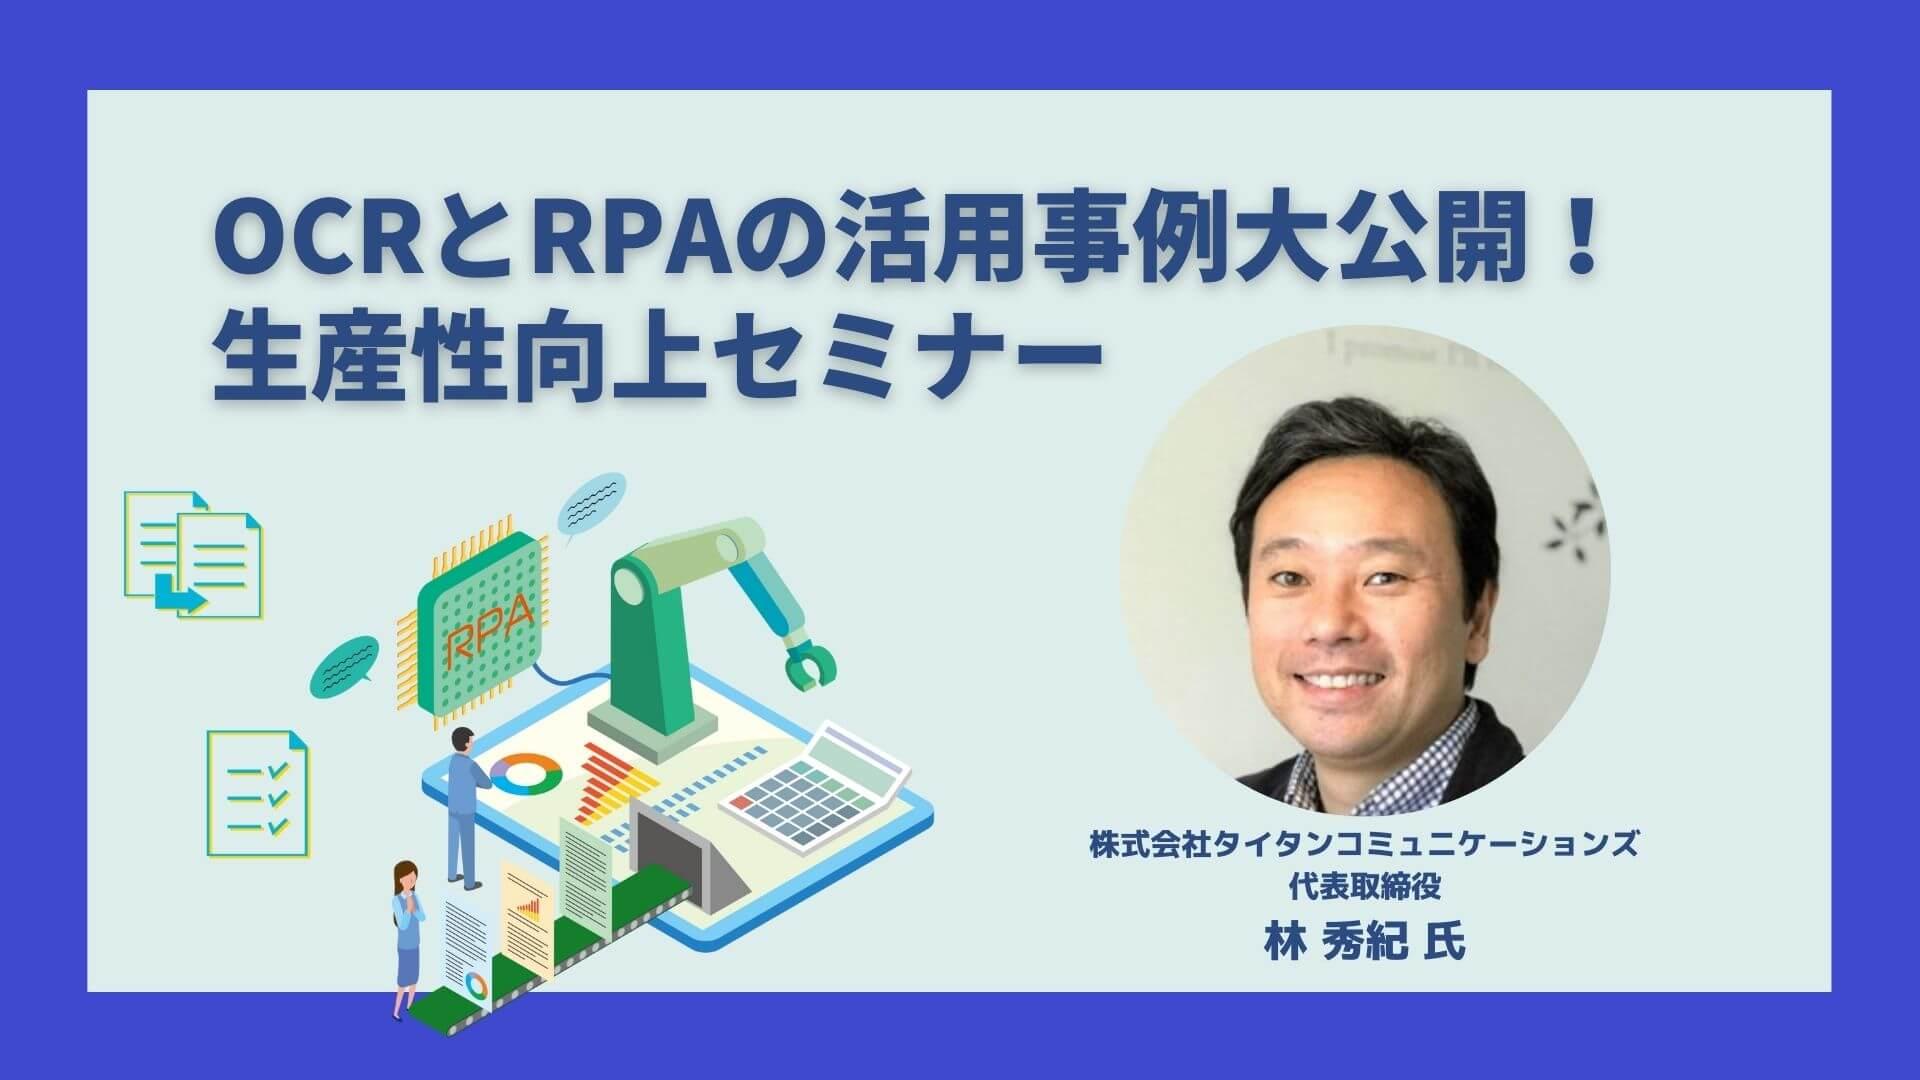 <無料>OCRとRPAの活用事例大公開!生産性向上セミナー